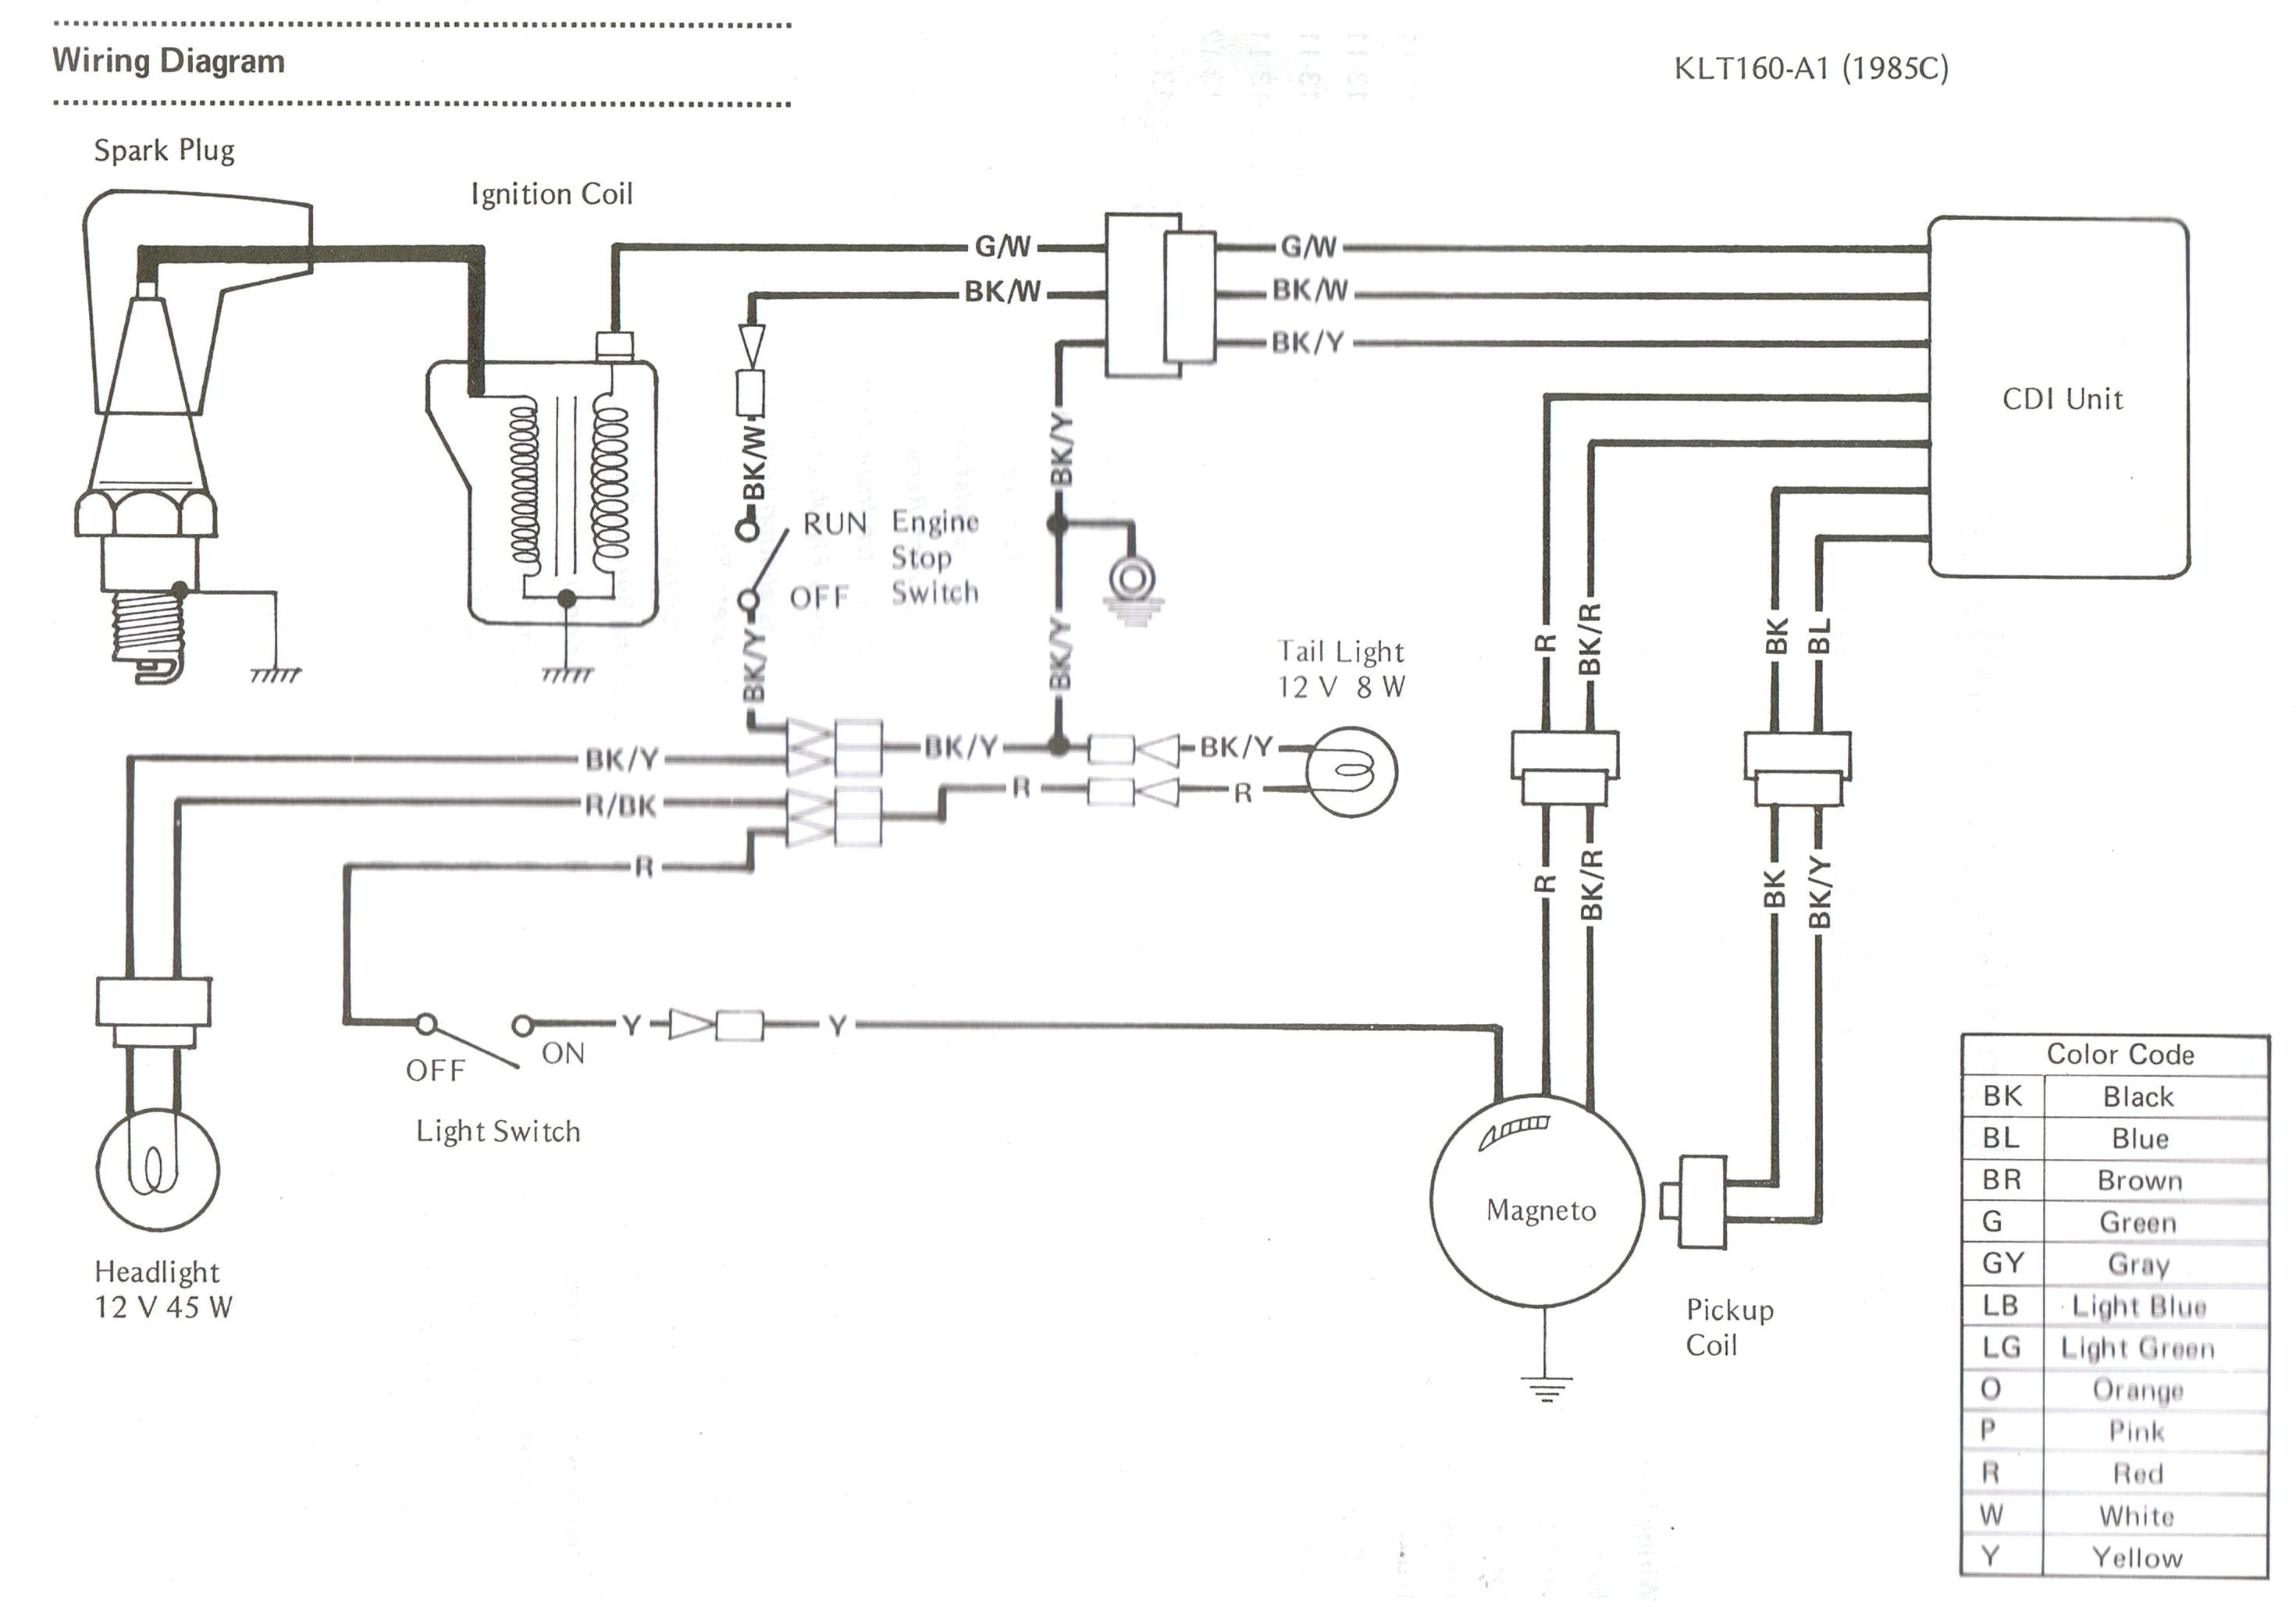 1999 Kawasaki Bayou 220 Wiring Diagram Kawasaki Bayou 220 Wiring Harness Free Download Diagram Wiring